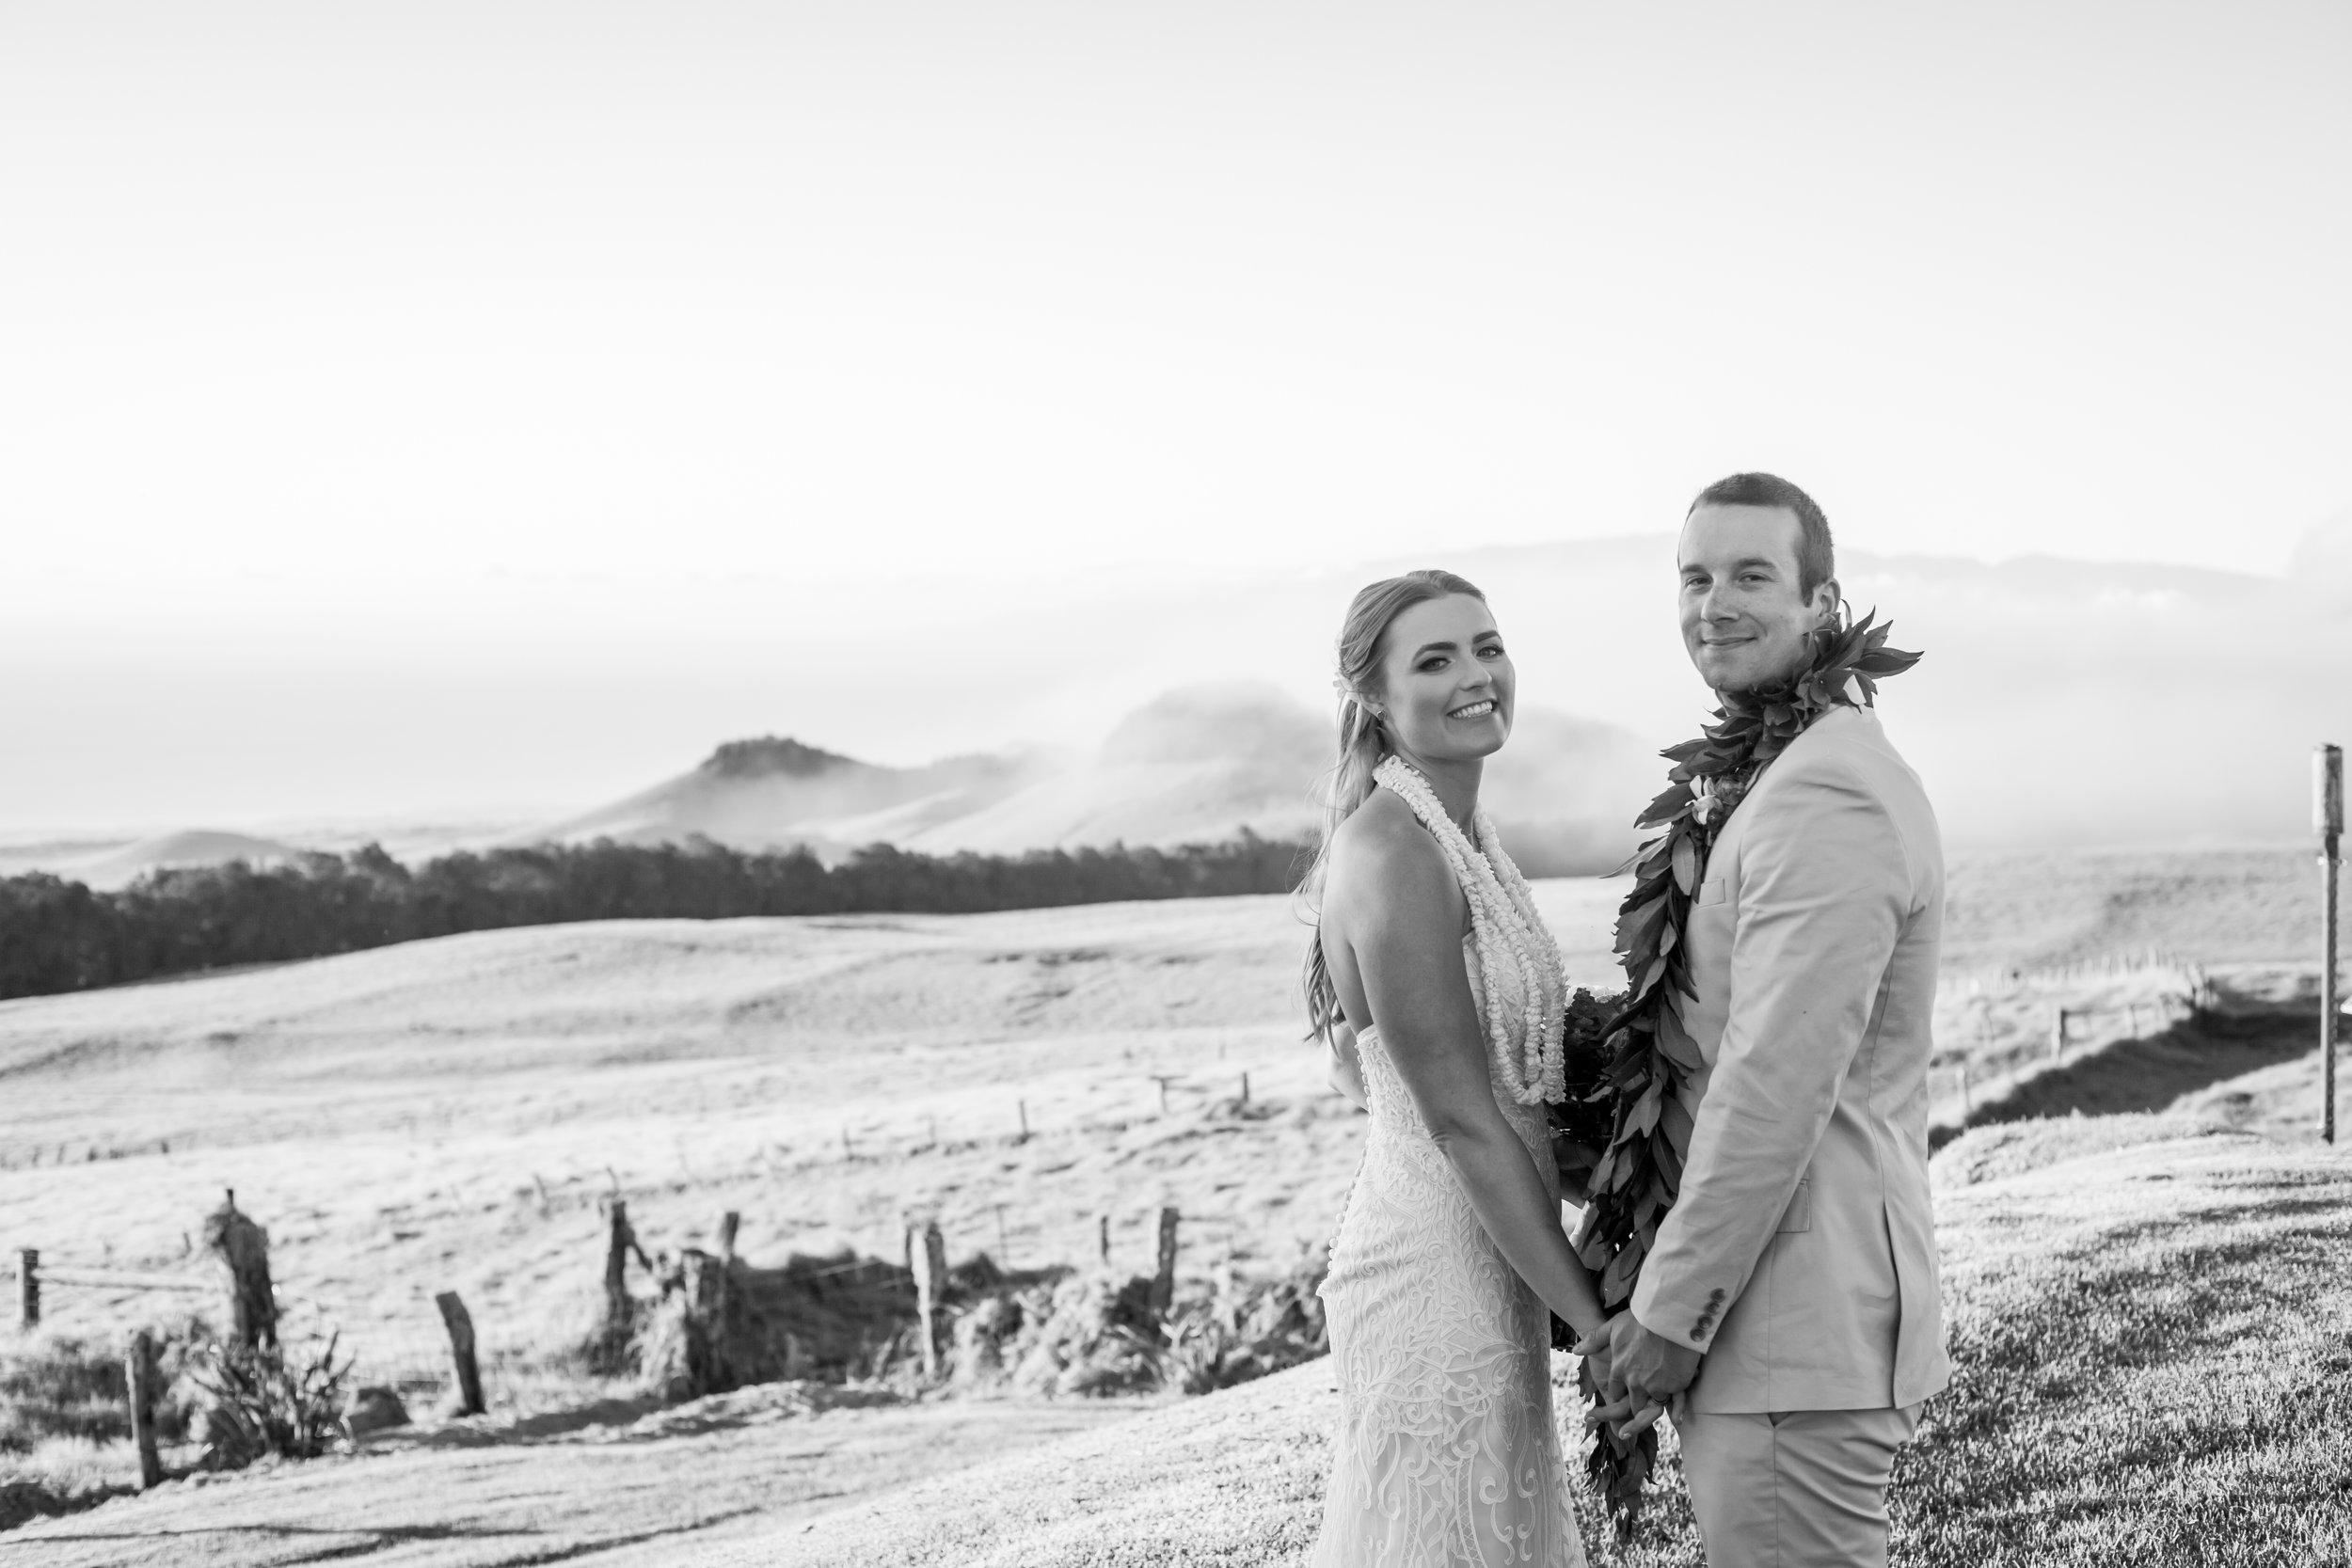 big island hawaii kahua ranch wedding © kelilina photography 20170106174547.jpg